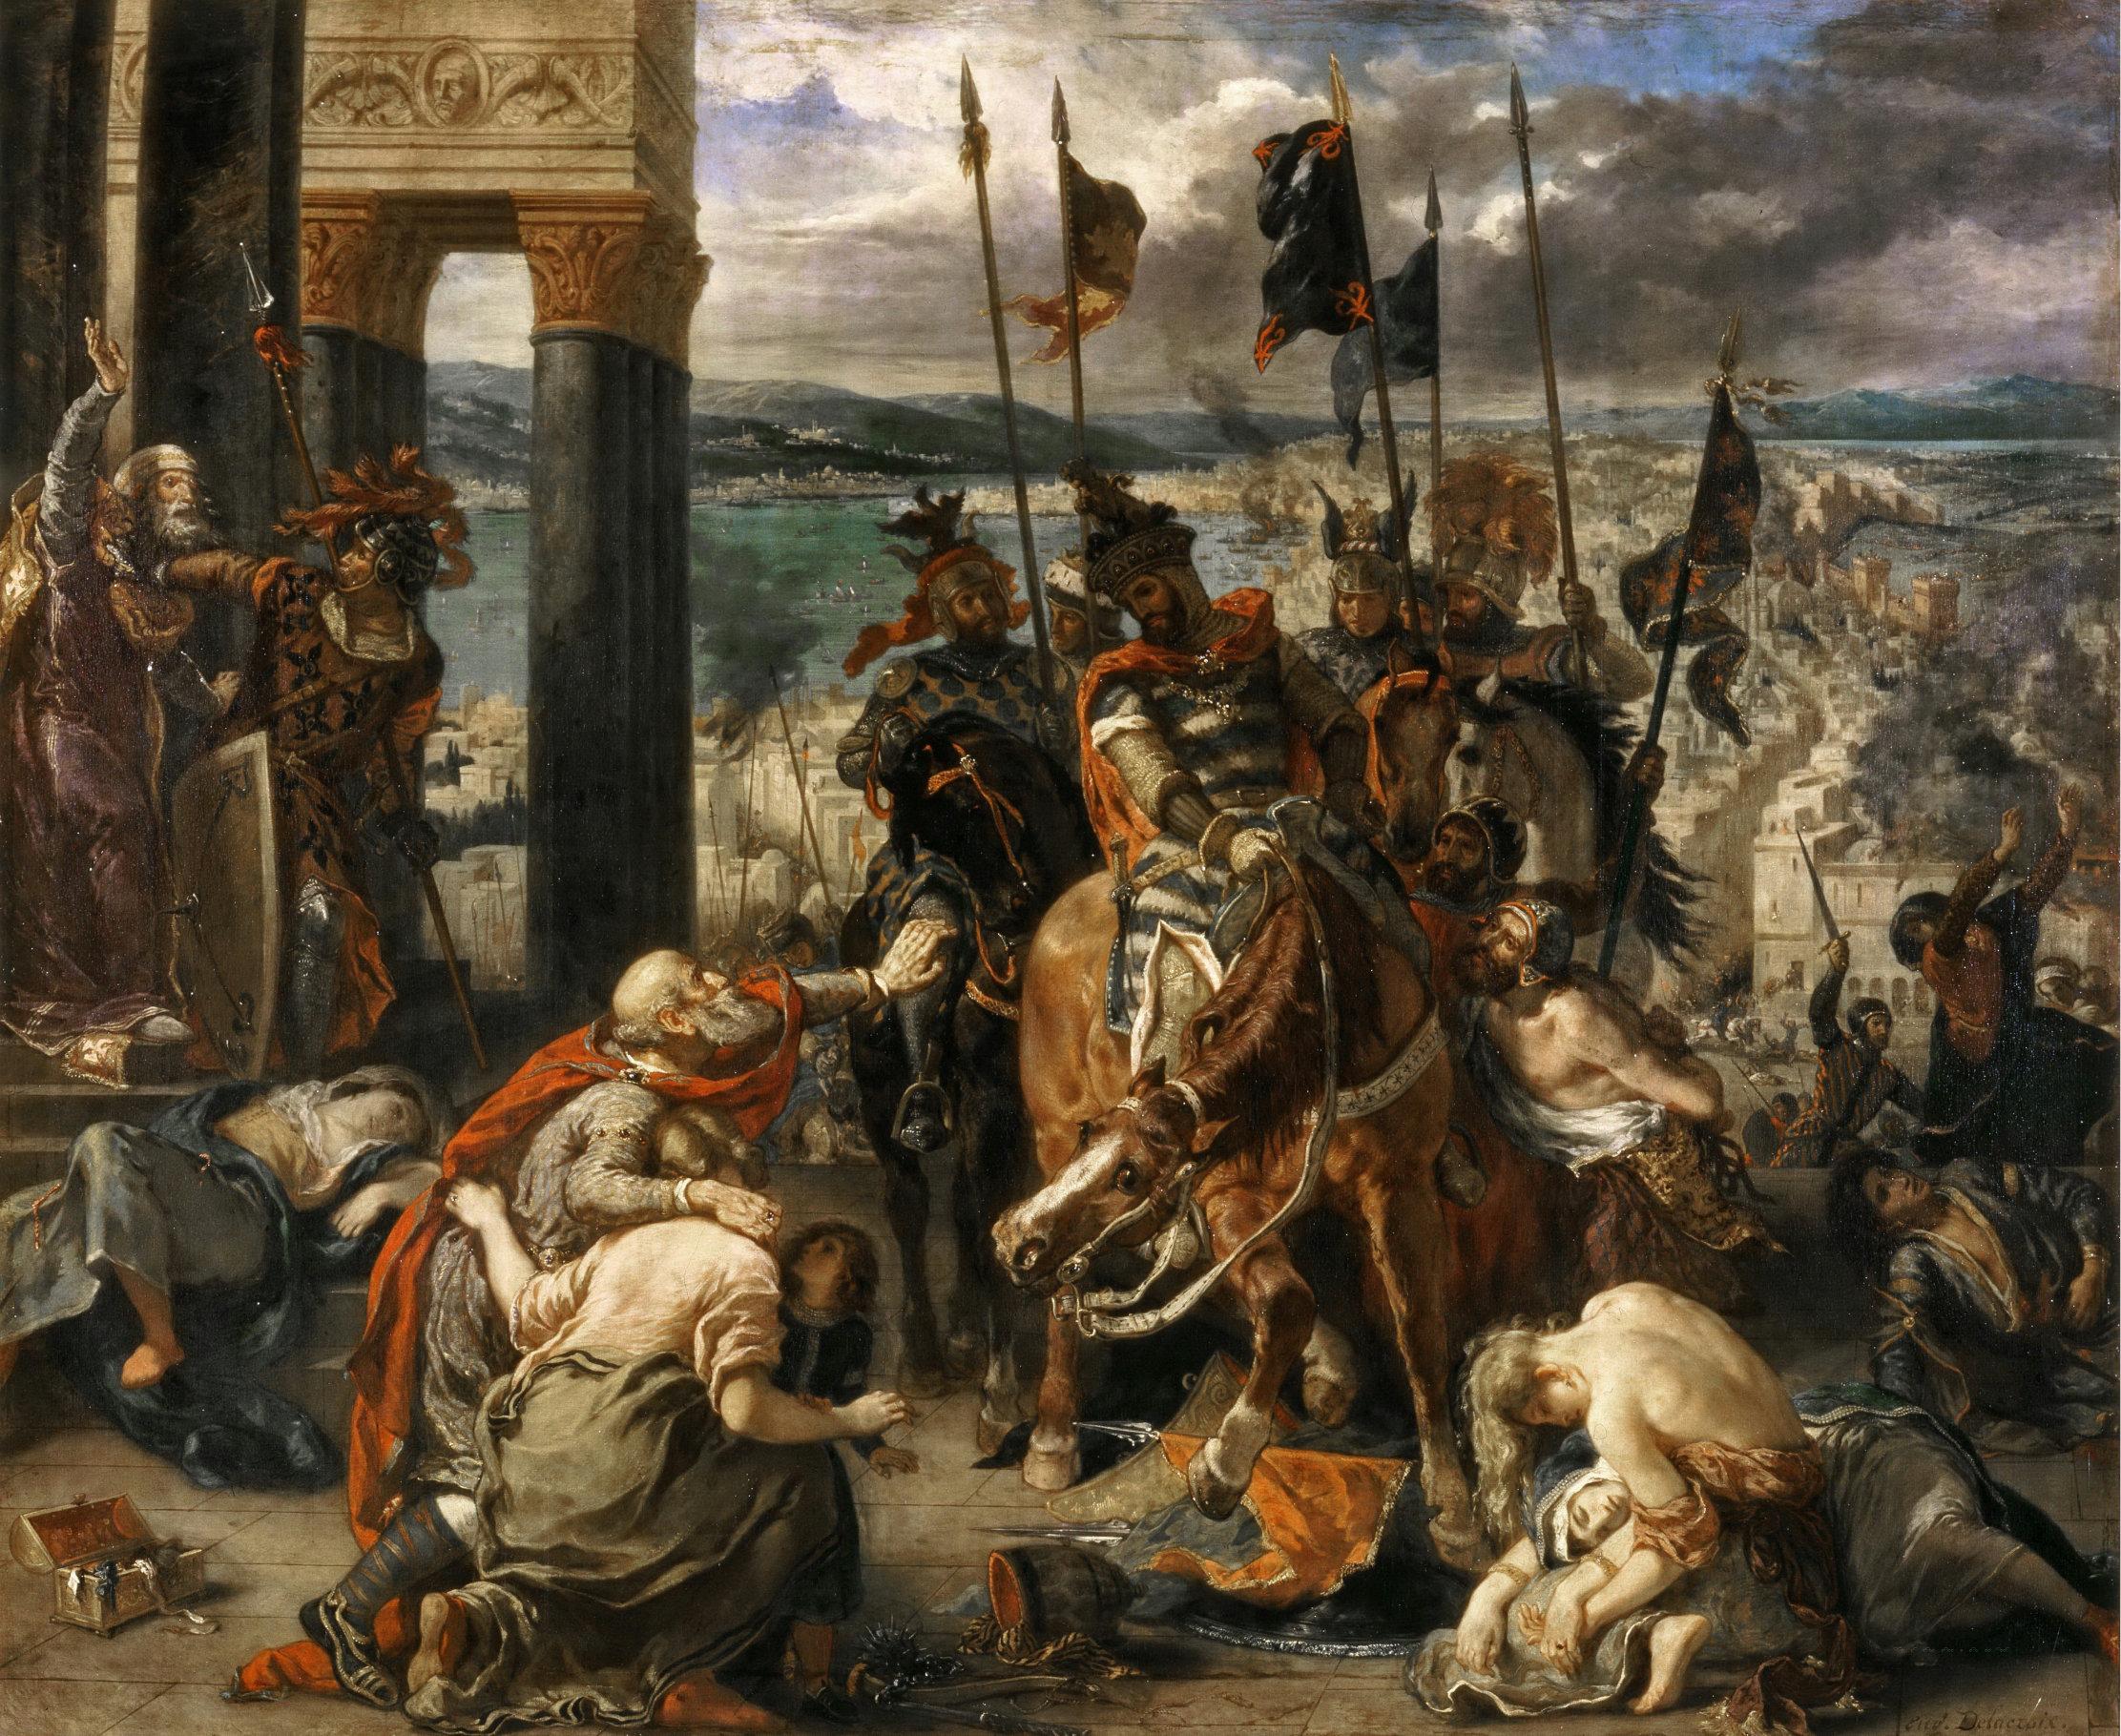 Róma romjain: A Bizánci Birodalom utódállamai a negyedik keresztes hadjárat után